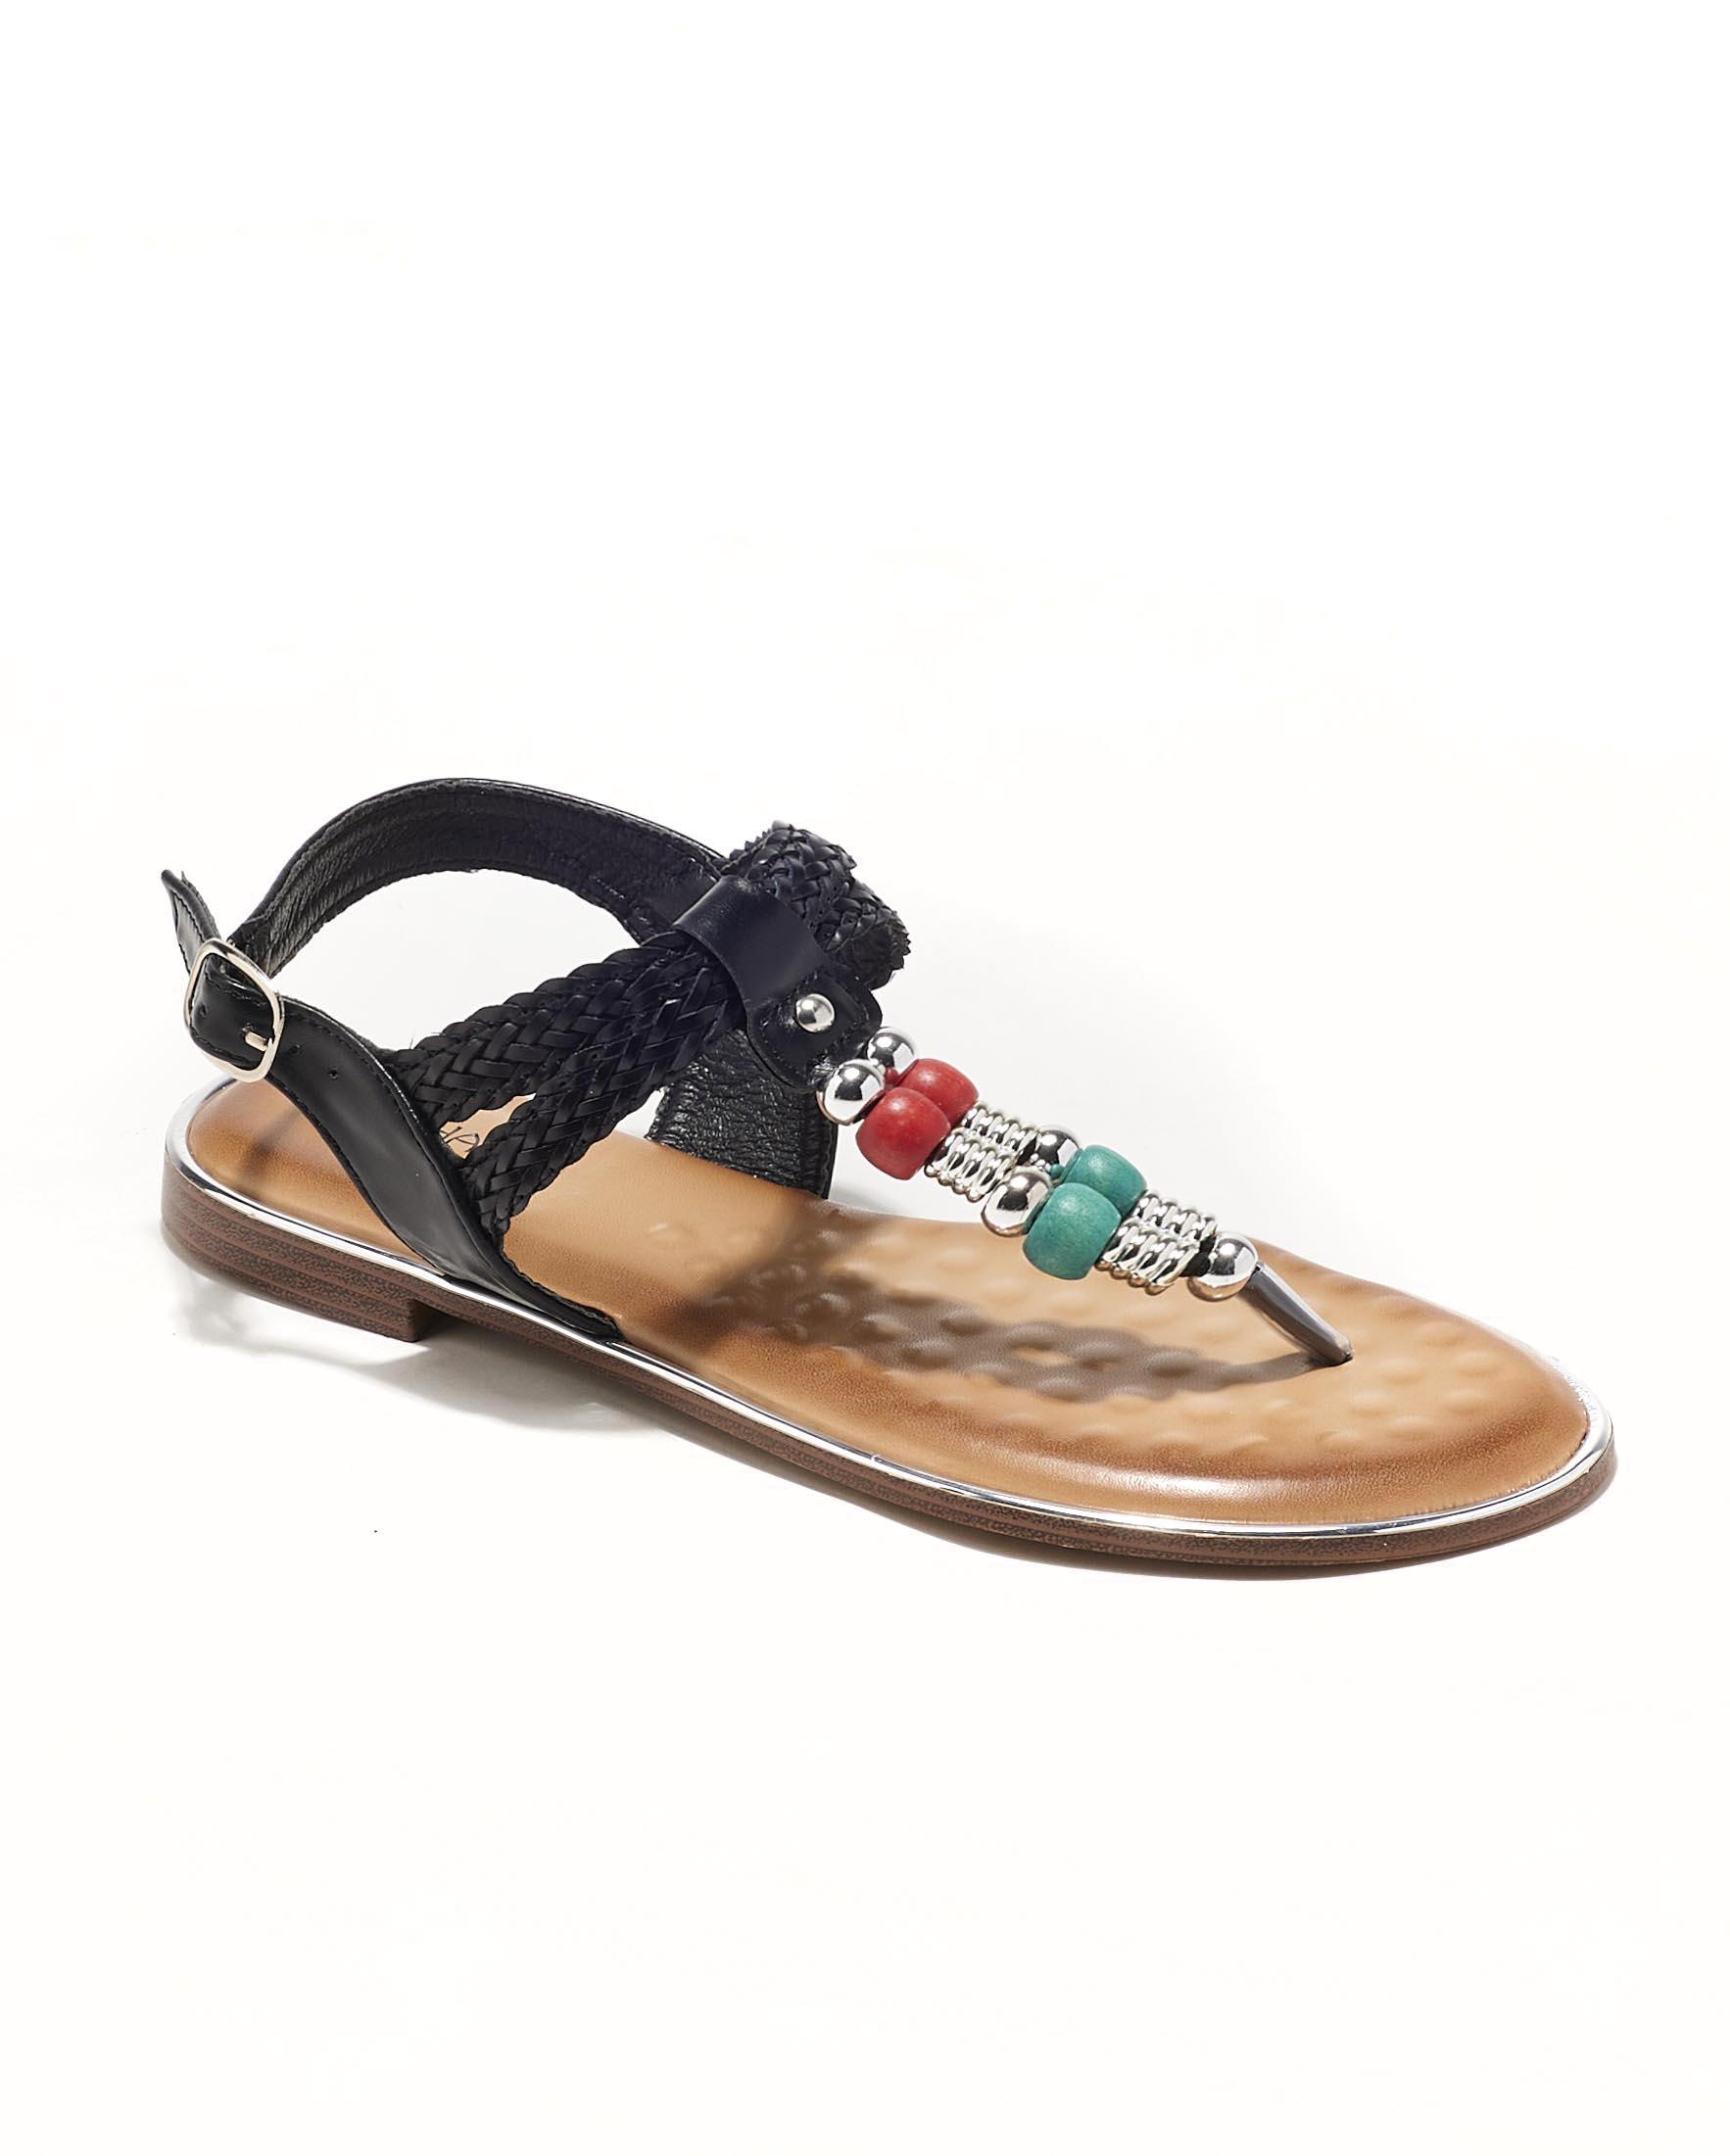 Sandales Plates Femme - Sandale Plate Noir Jina - P-912